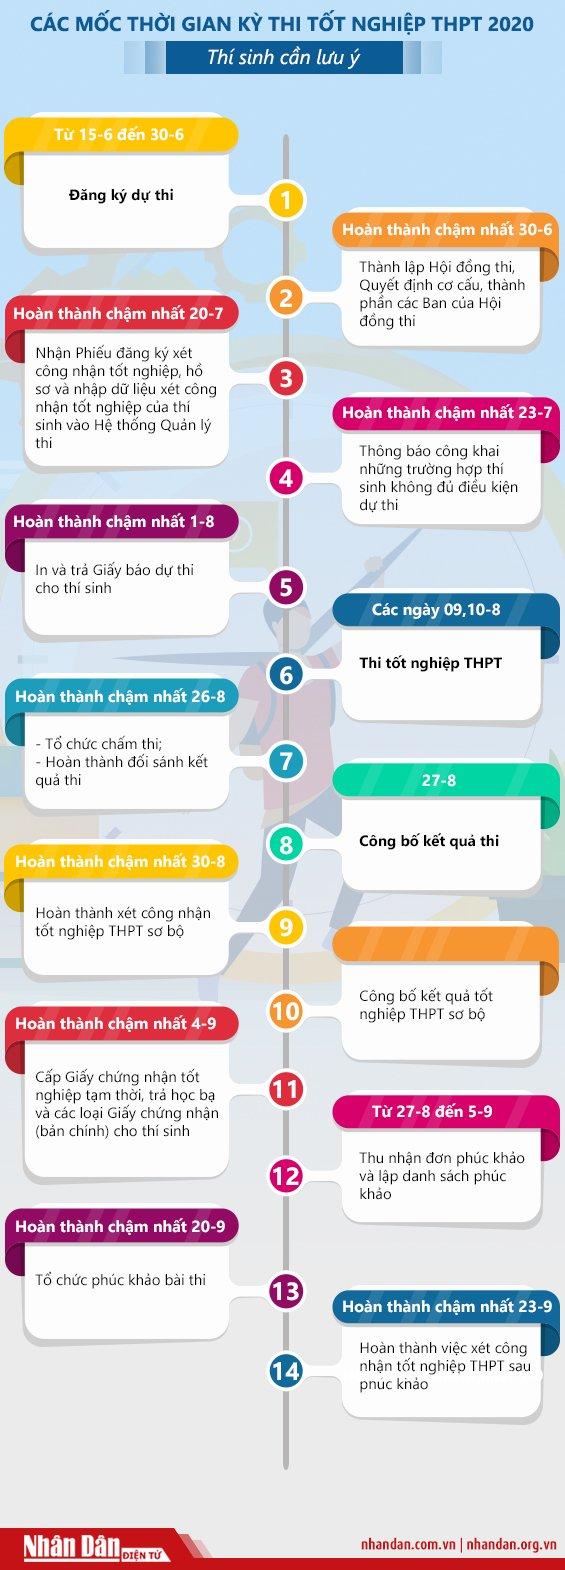 [Infographic] Các mốc quan trọng của kỳ thi THPT 2020